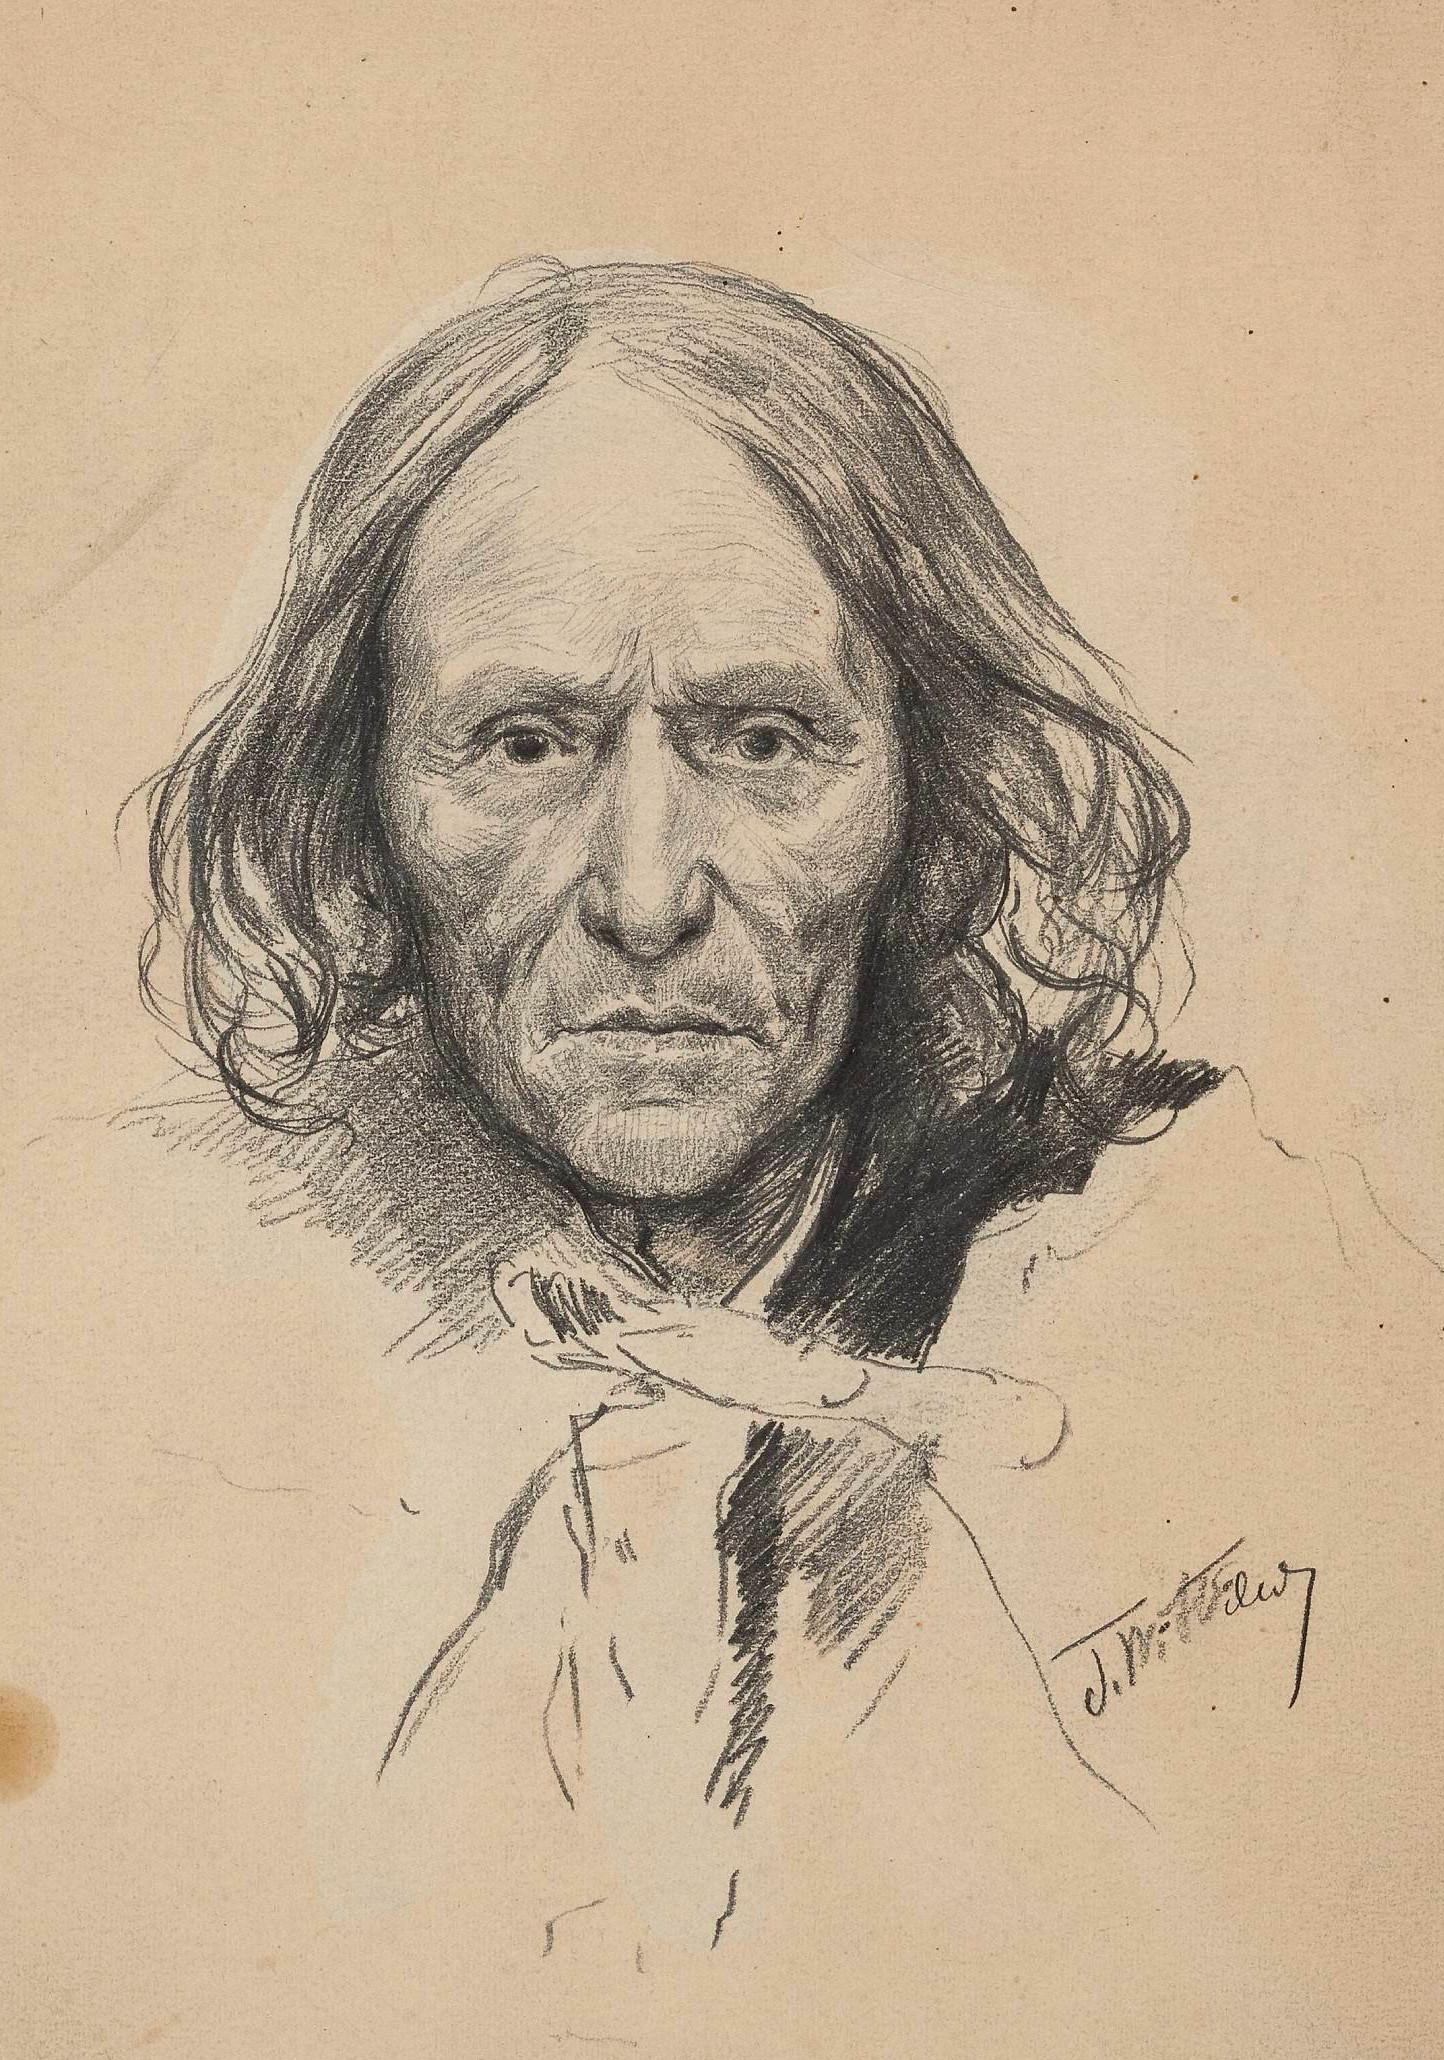 """Stanisław Witkiewicz (1851-1915) """"Portret Sabały"""", 1888 rok, źródło: Muzeum Narodowe w Warszawie"""